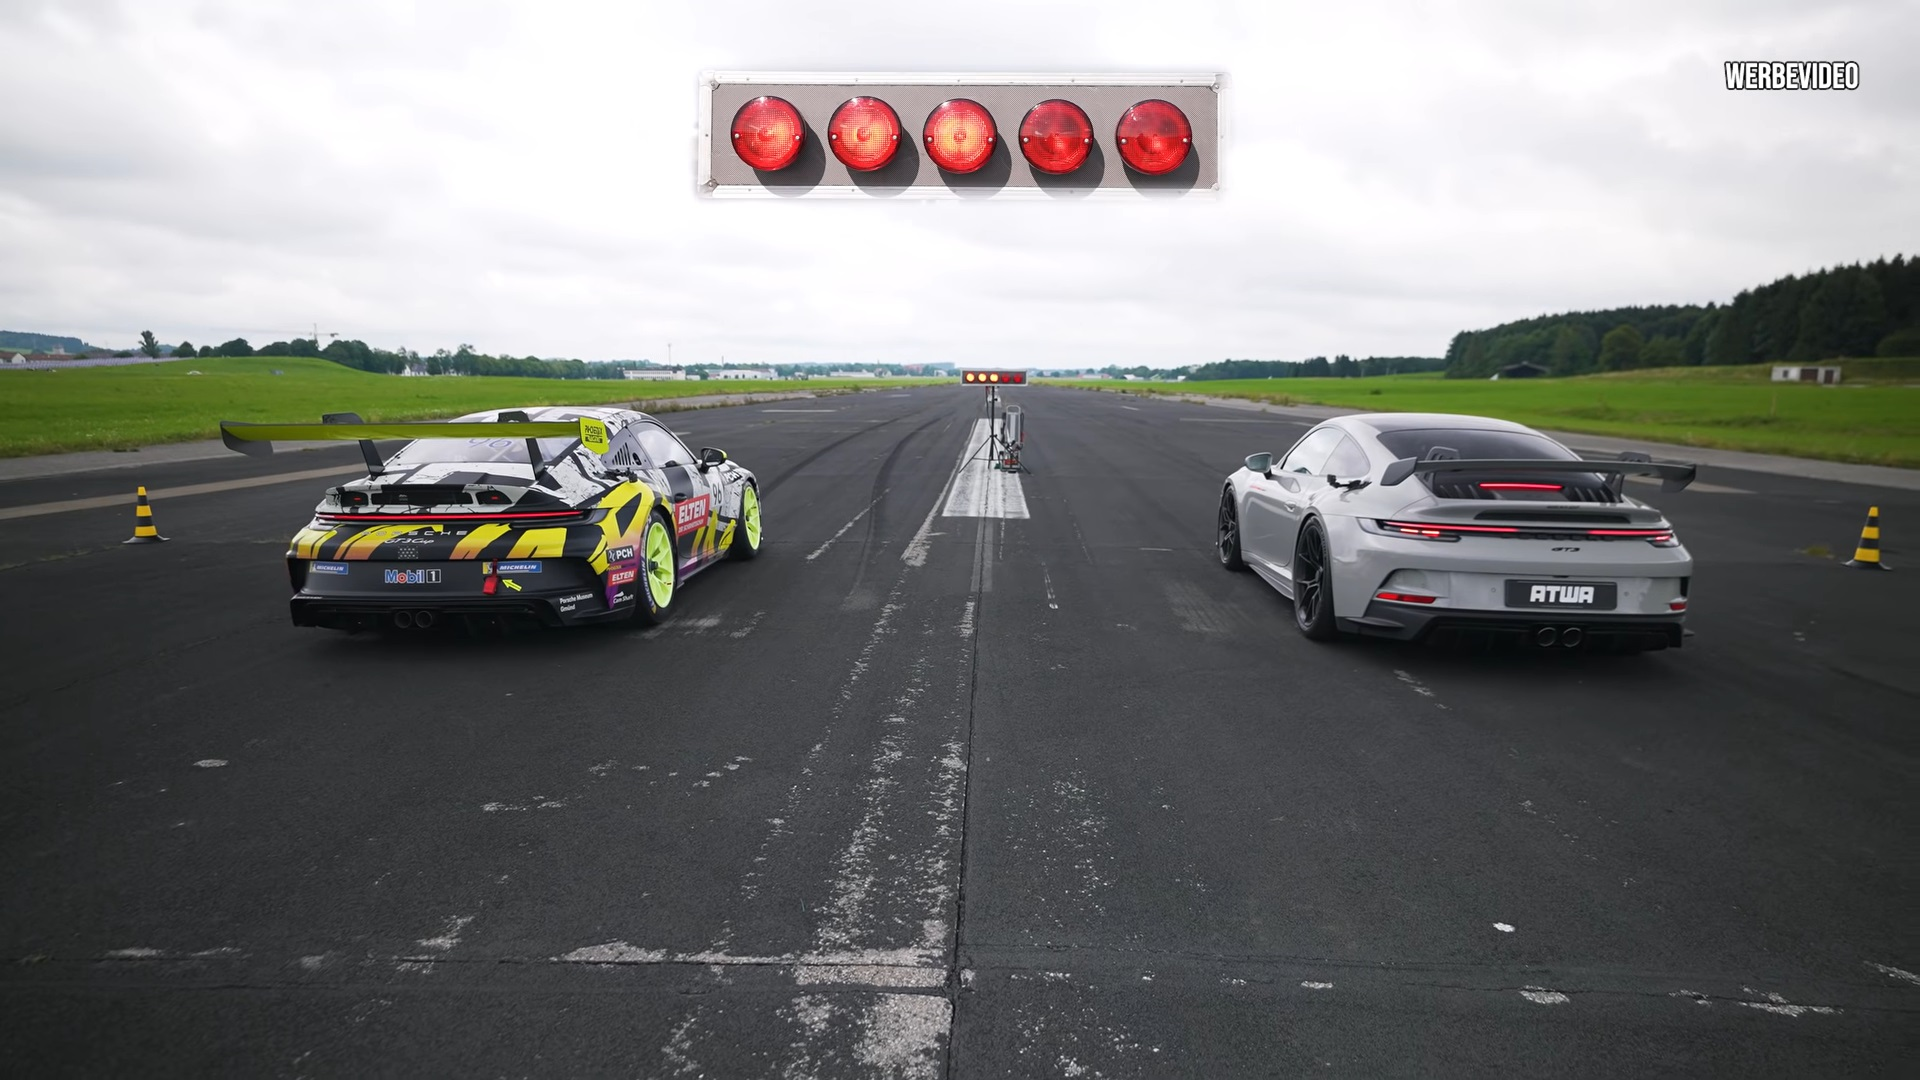 992 Porsche 911 GT3 vs. 992 Porsche 911 GT3 Cup Drag Race Is Unbelievably Loud